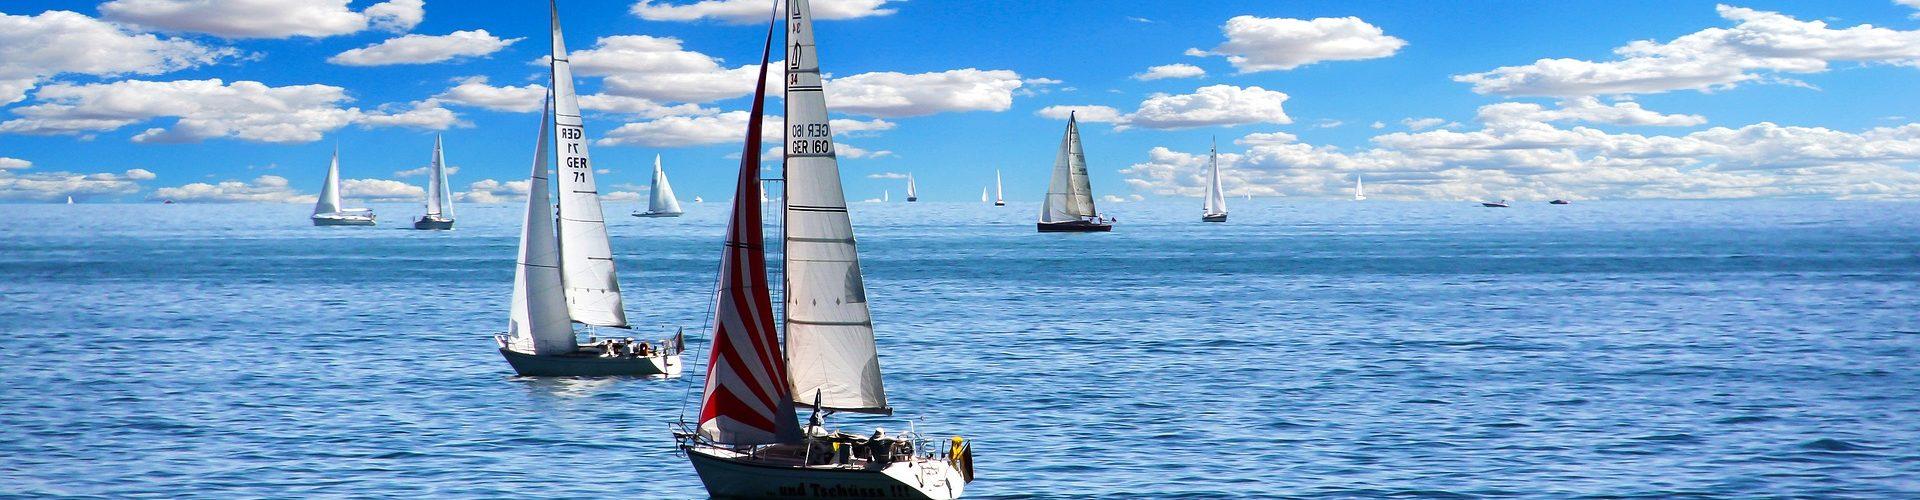 segeln lernen in Ratingen segelschein machen in Ratingen 1920x500 - Segeln lernen in Ratingen